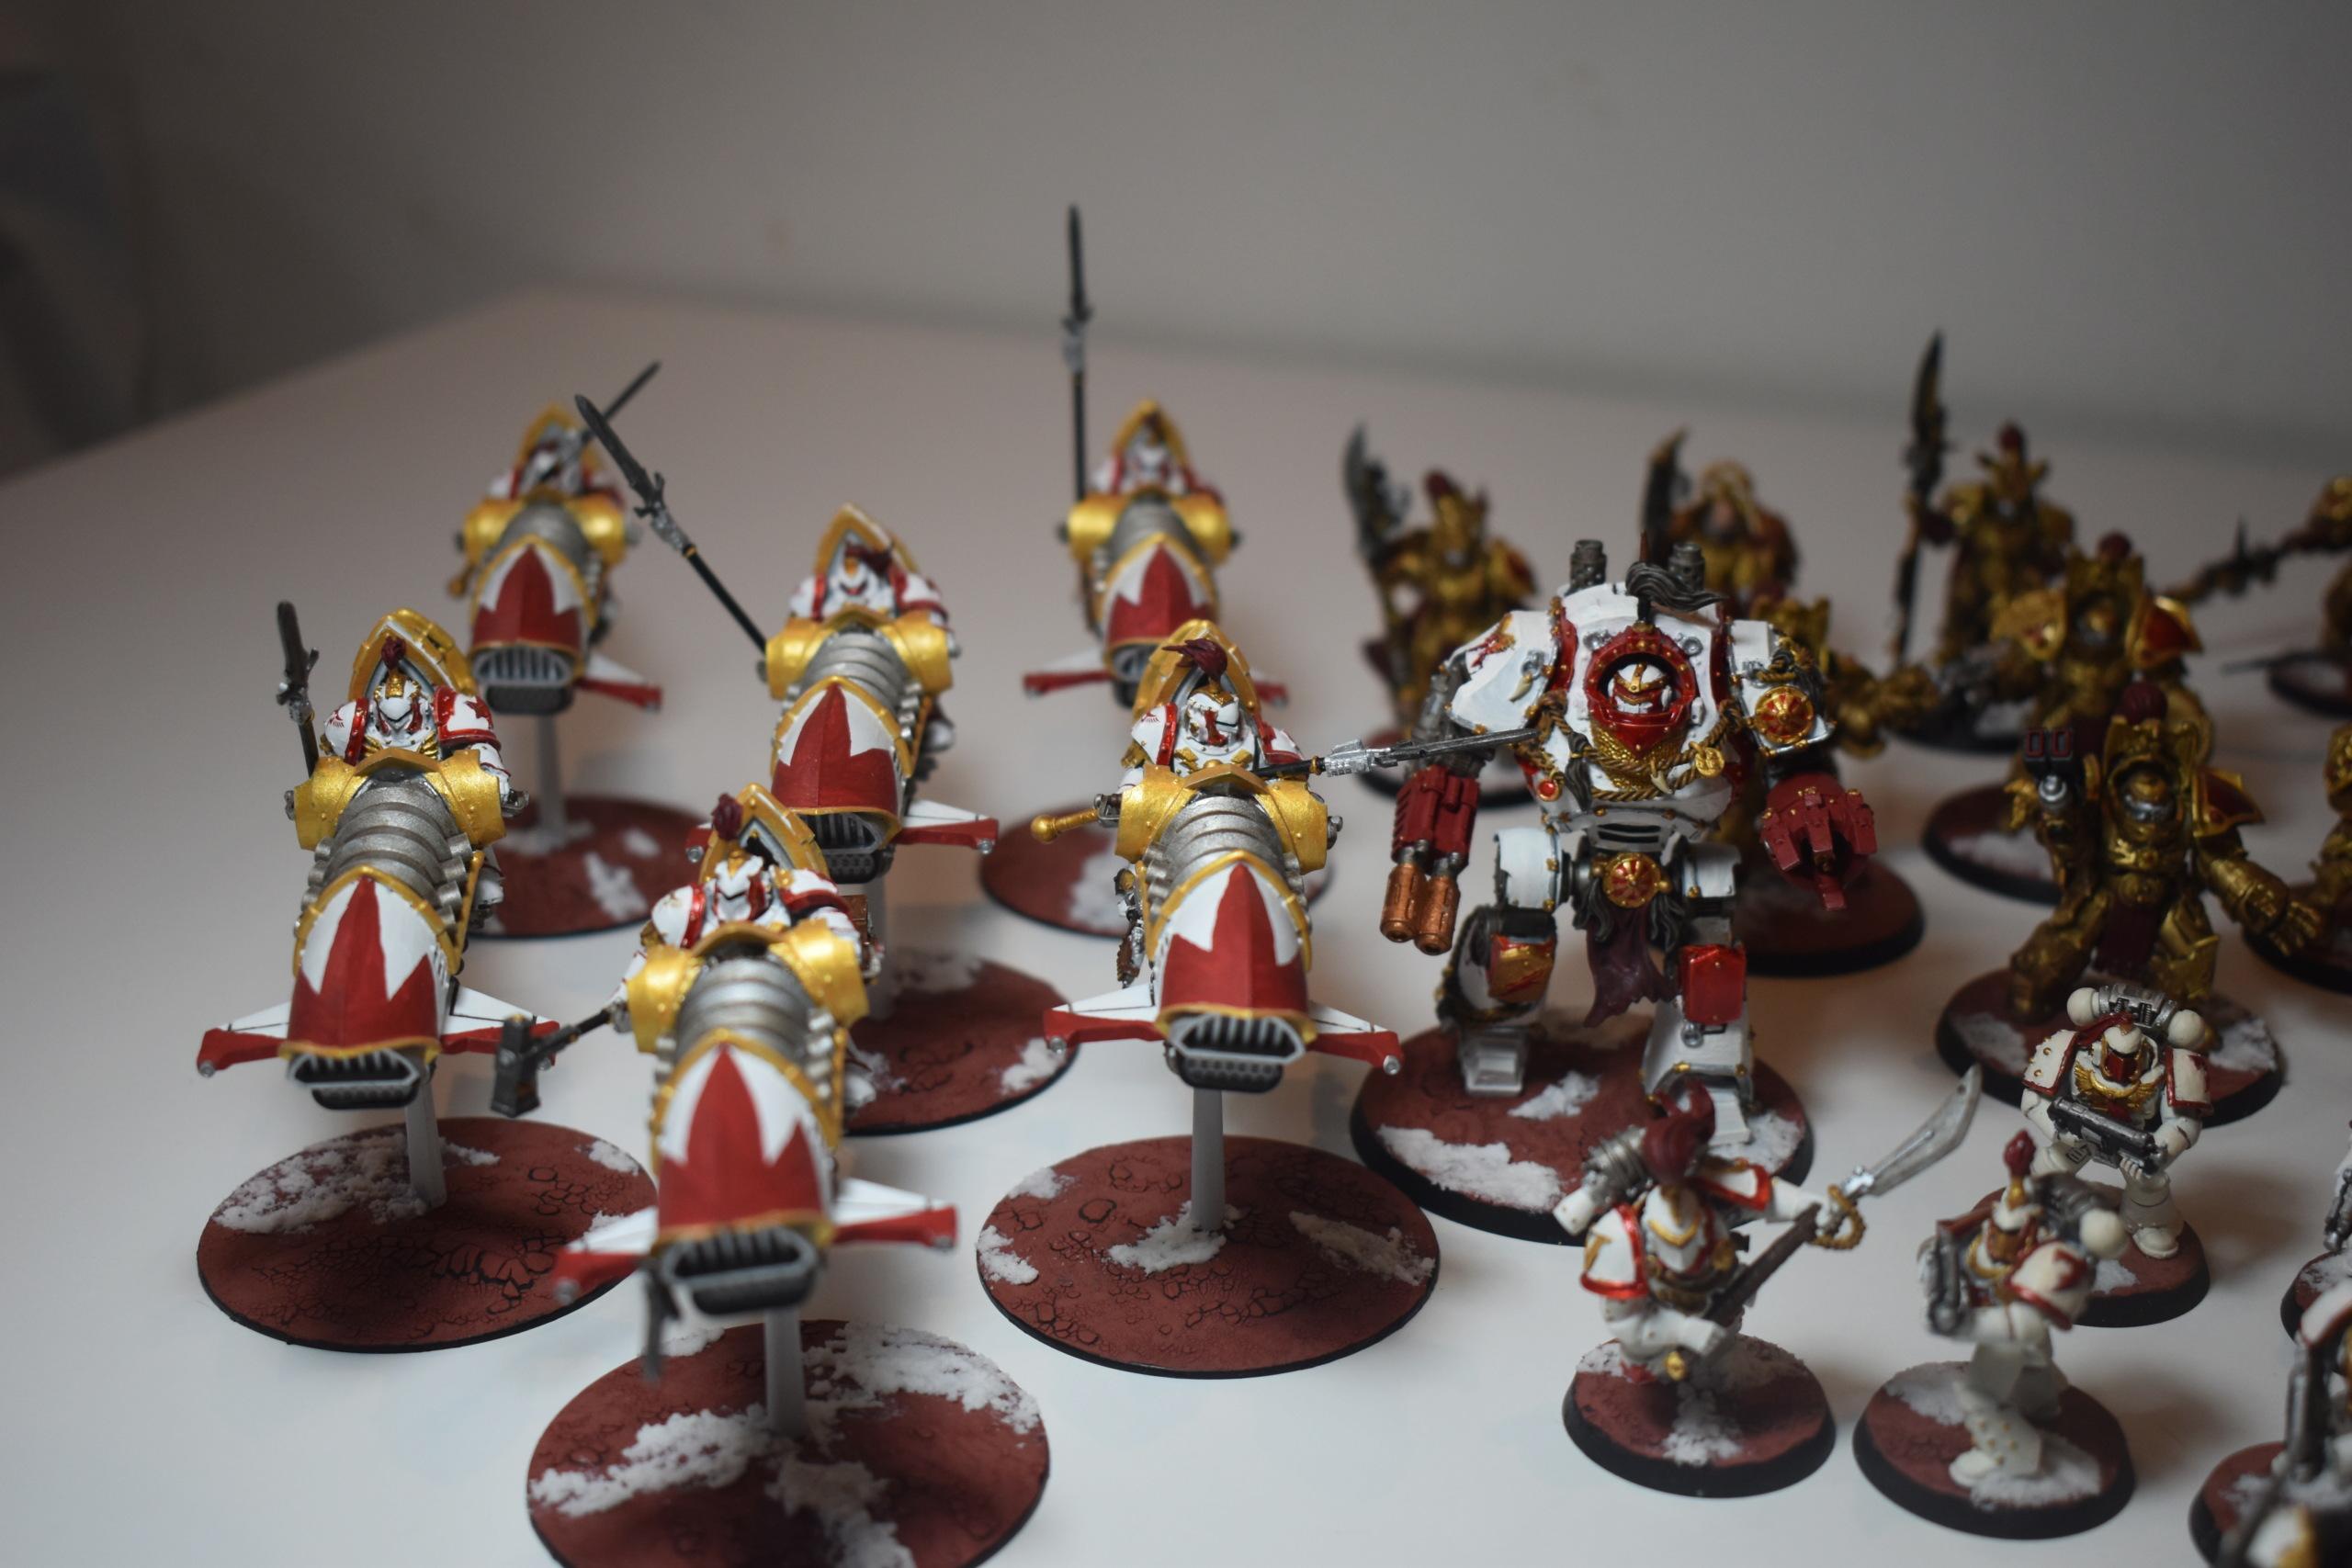 Les Armées de Nico. (Battle, 40K & HH) - Page 6 Dsc_0210